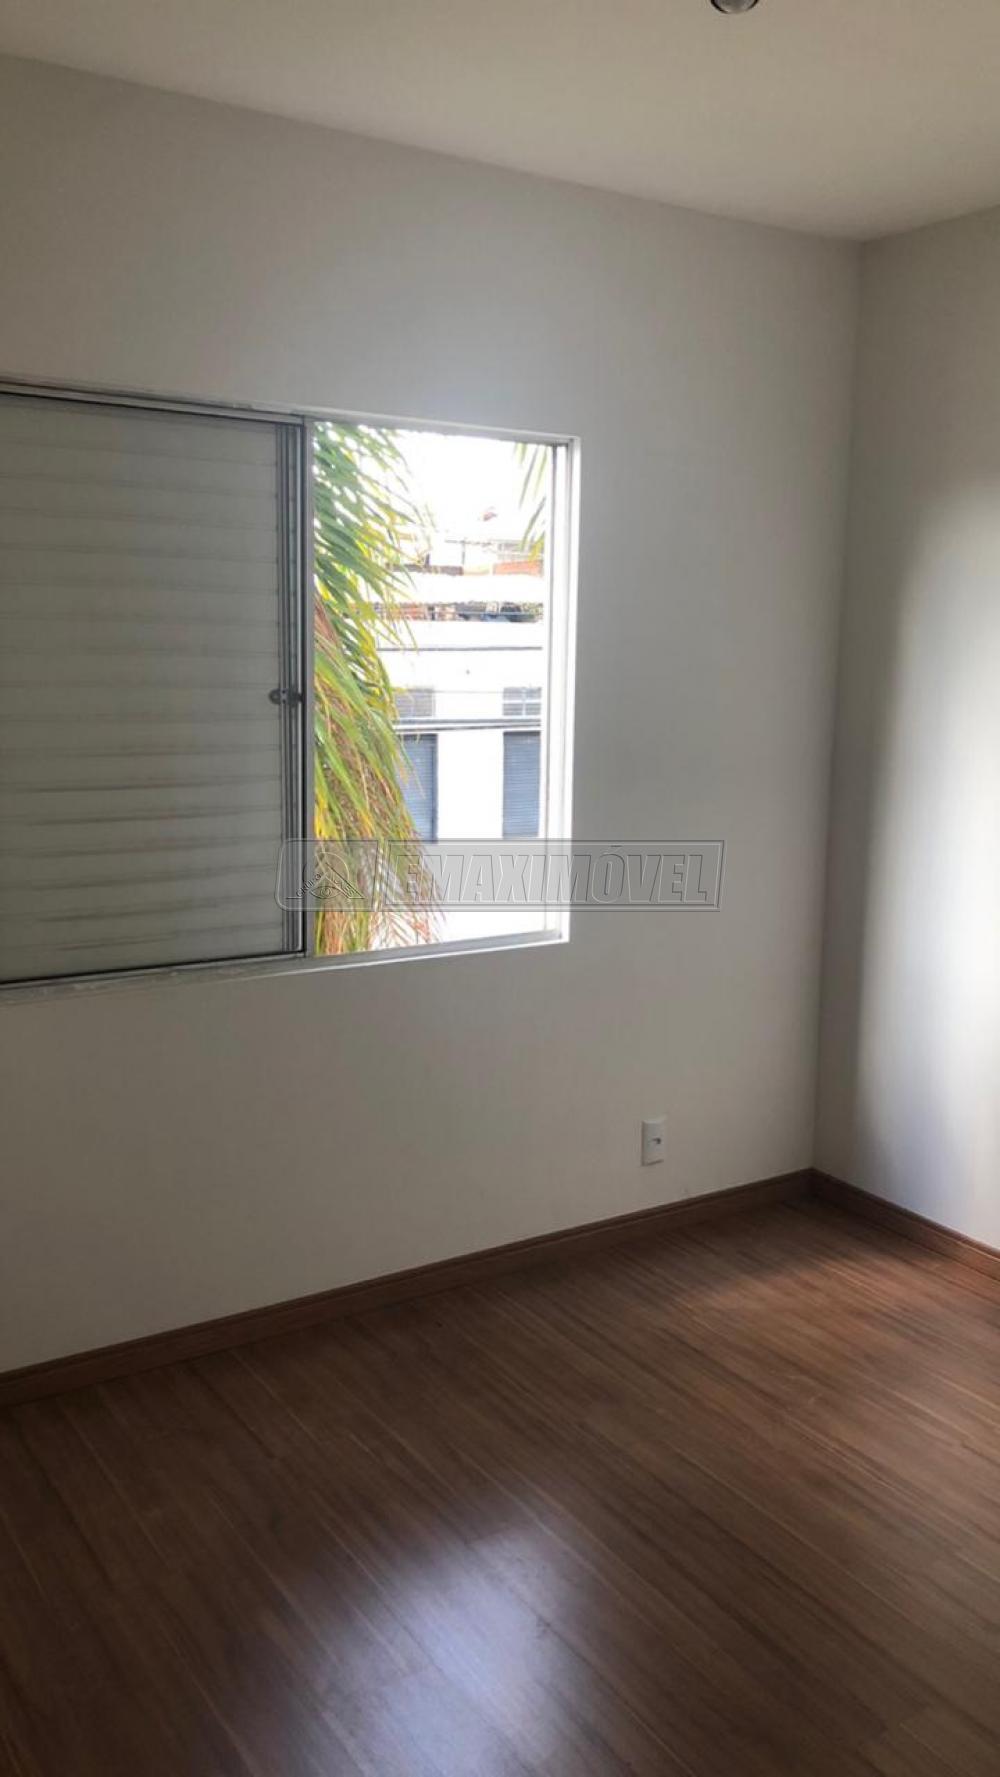 Comprar Apartamento / Padrão em Sorocaba R$ 230.000,00 - Foto 9